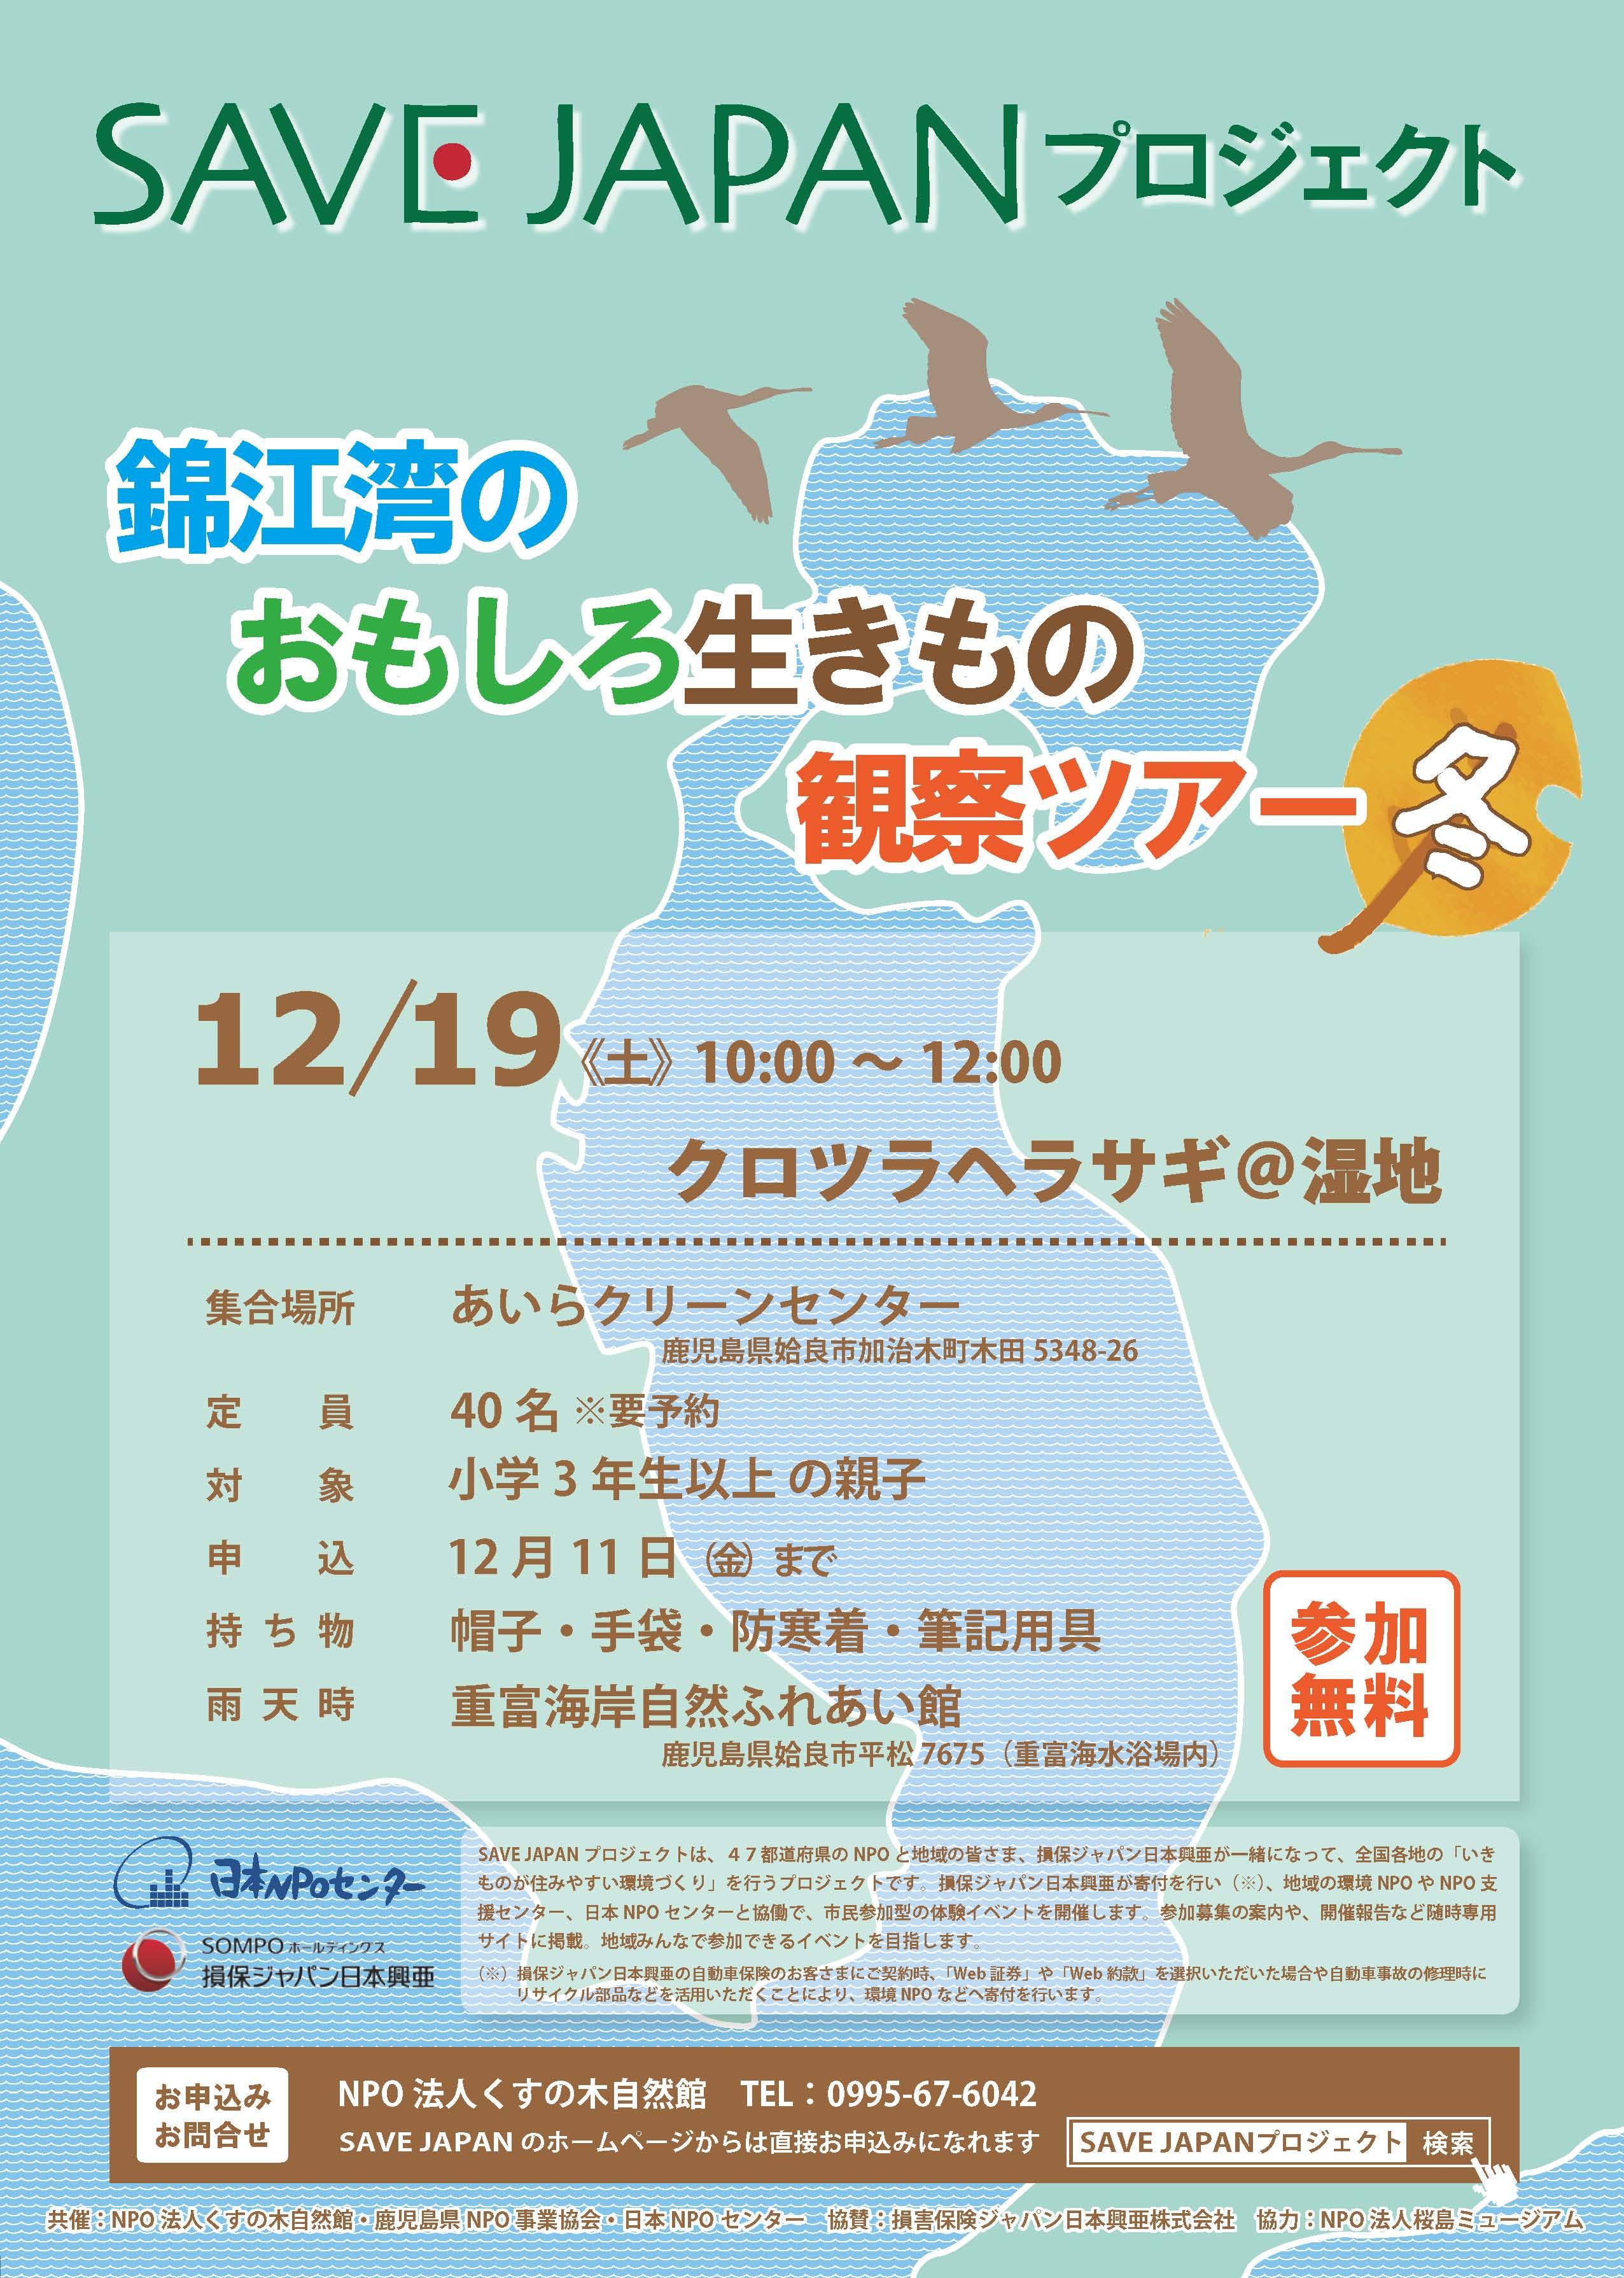 http://www.sakurajima.gr.jp/item-images/151219_SAVEJAPAN%E5%86%AC_%E3%83%9A%E3%83%BC%E3%82%B8_1.jpg